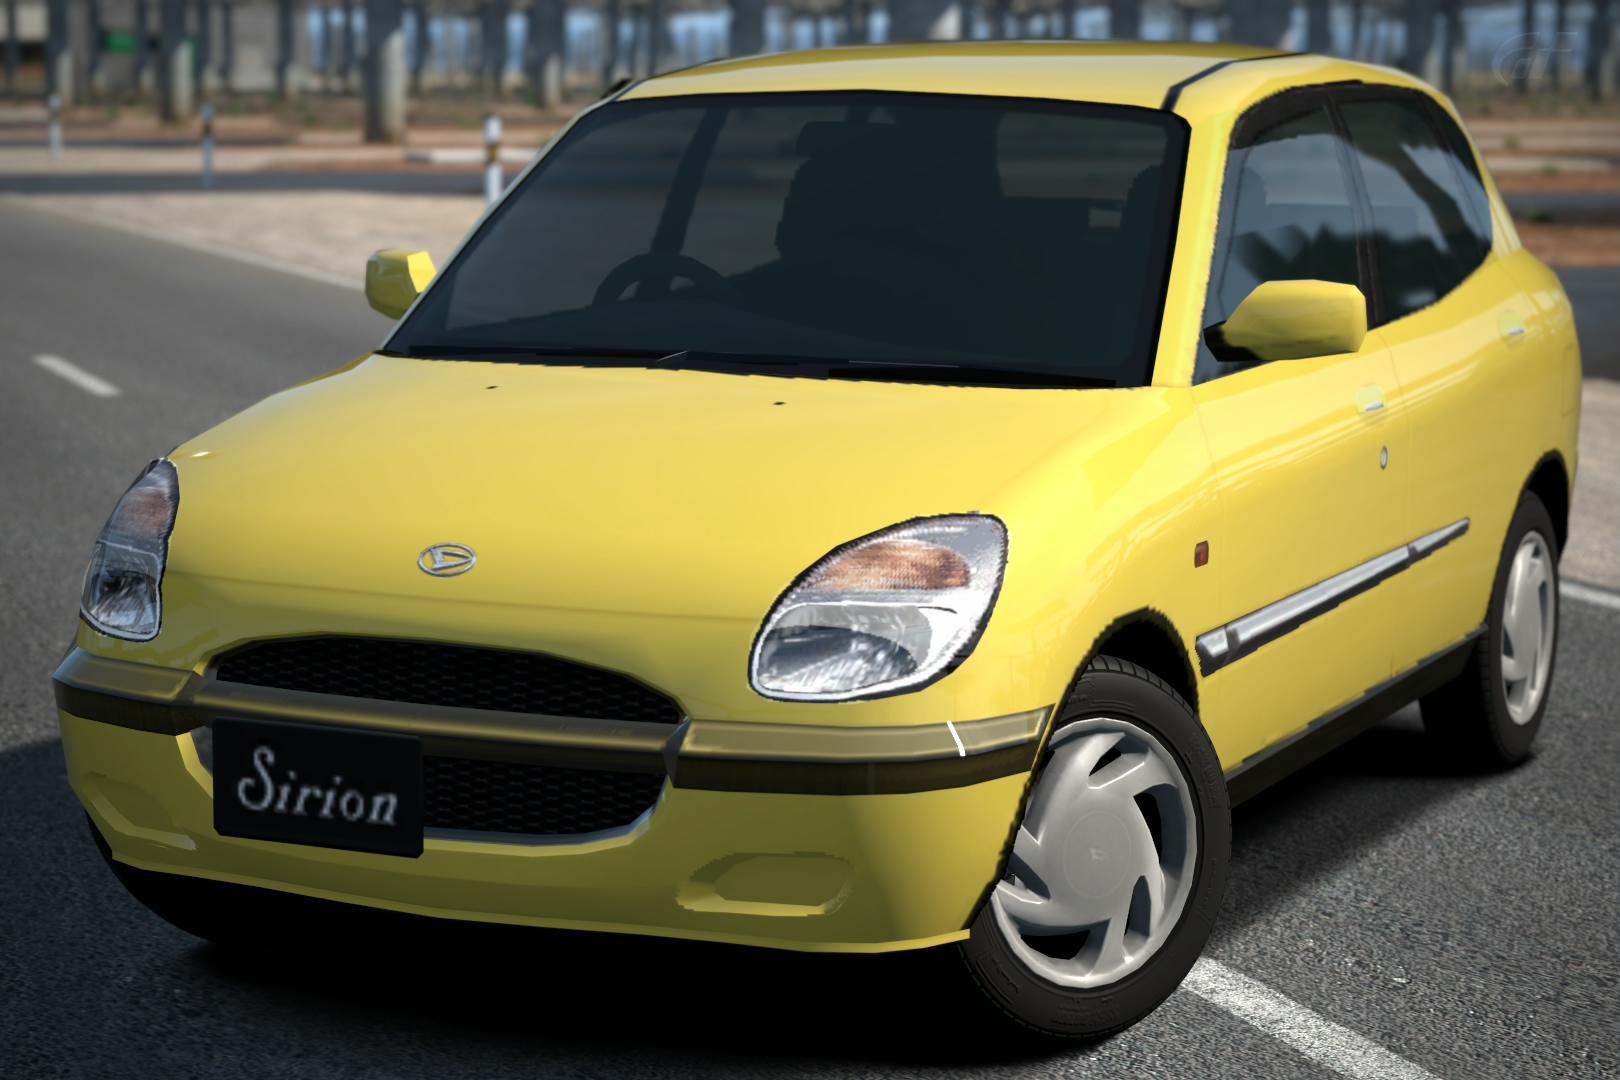 Daihatsu SIRION CX 4WD (J) '98